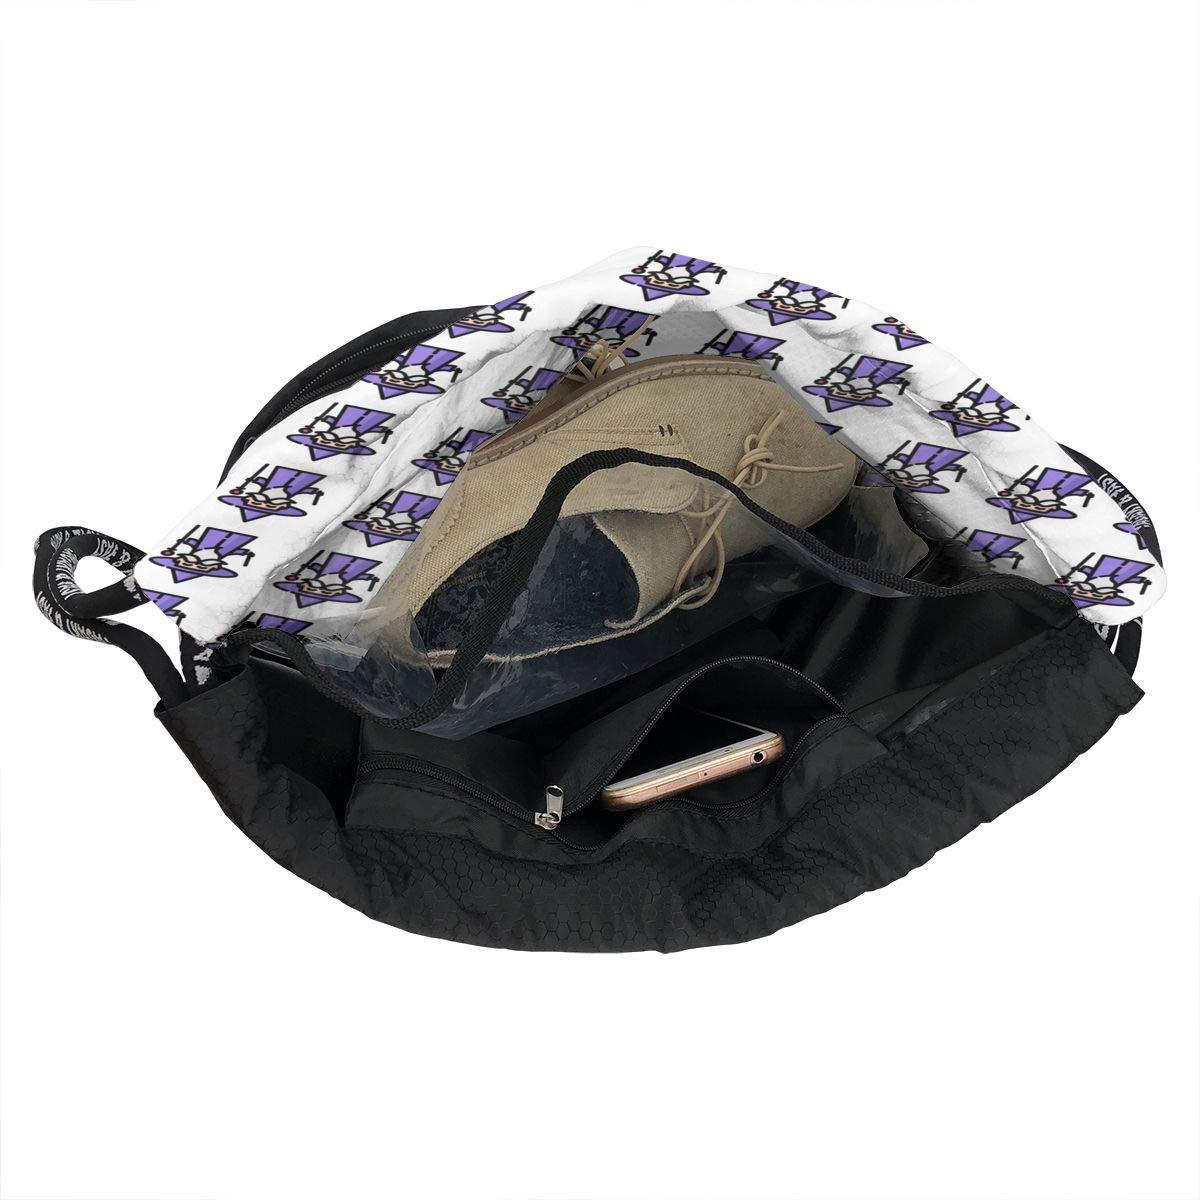 HUOPR5Q Wizard Drawstring Backpack Sport Gym Sack Shoulder Bulk Bag Dance Bag for School Travel